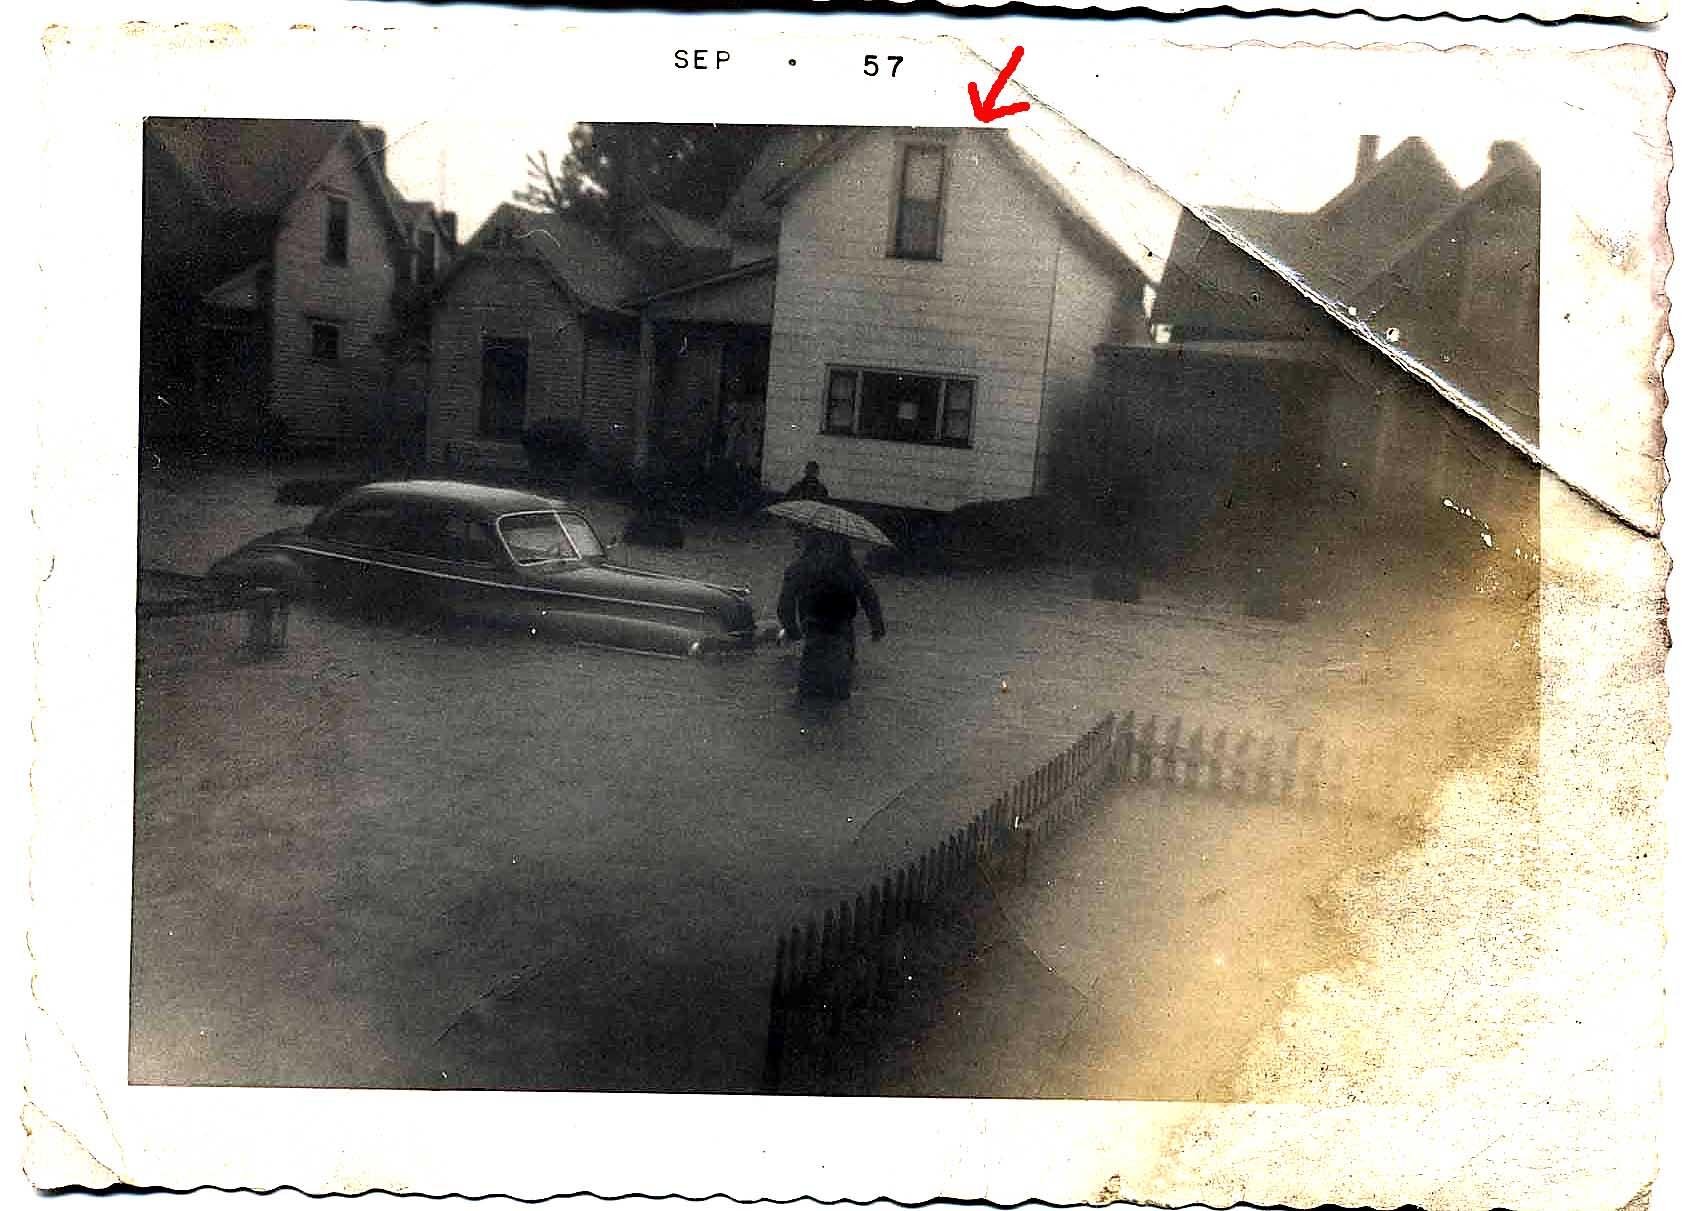 Ninth_1200_block_1957_Flood